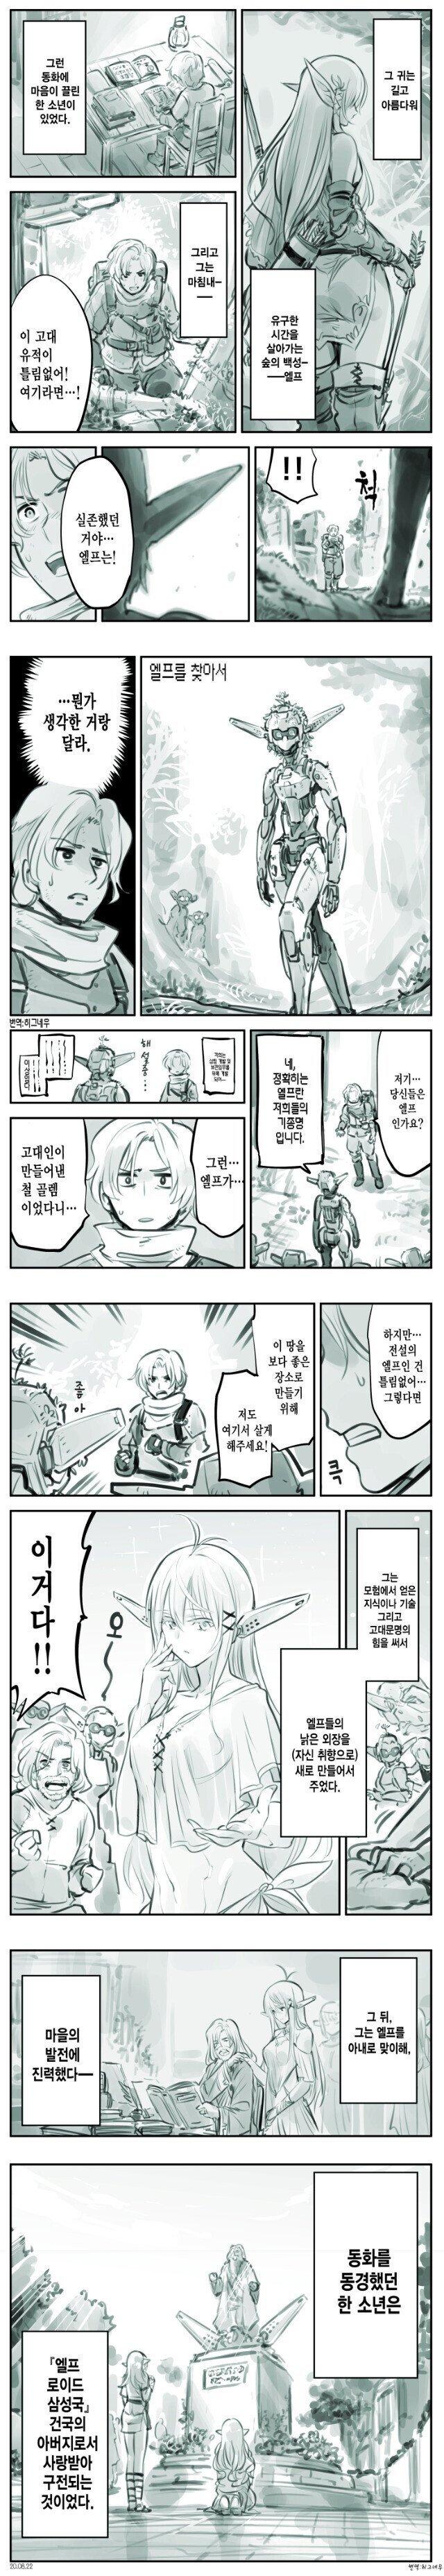 엘프를 동경하는 소년 만화.jpg